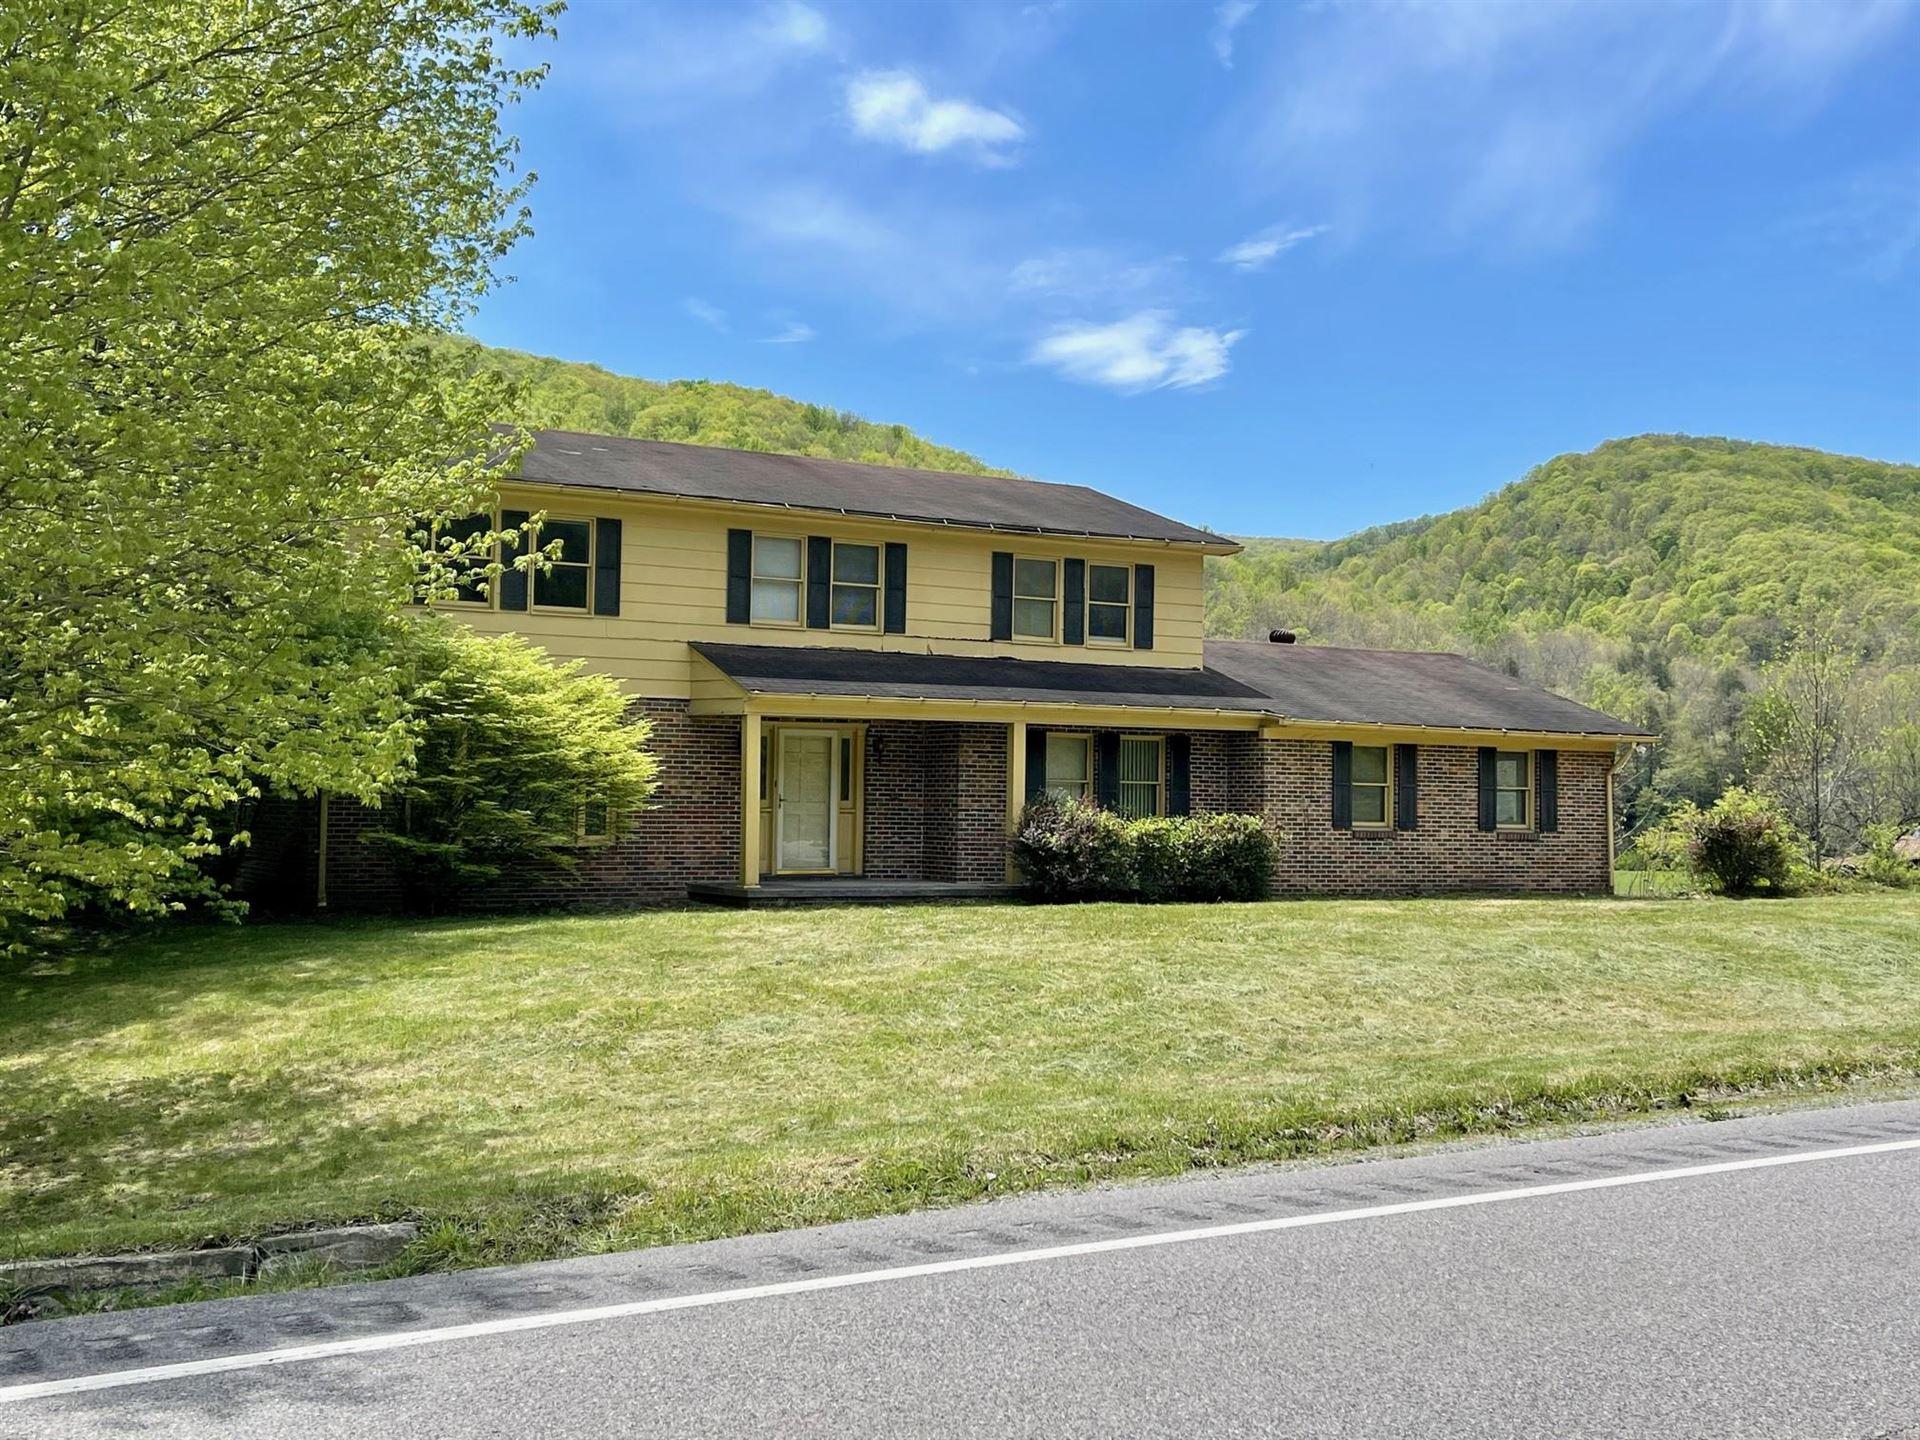 Photo of 9622 Norton Coeburn Road, Coeburn, VA 24230 (MLS # 9922629)